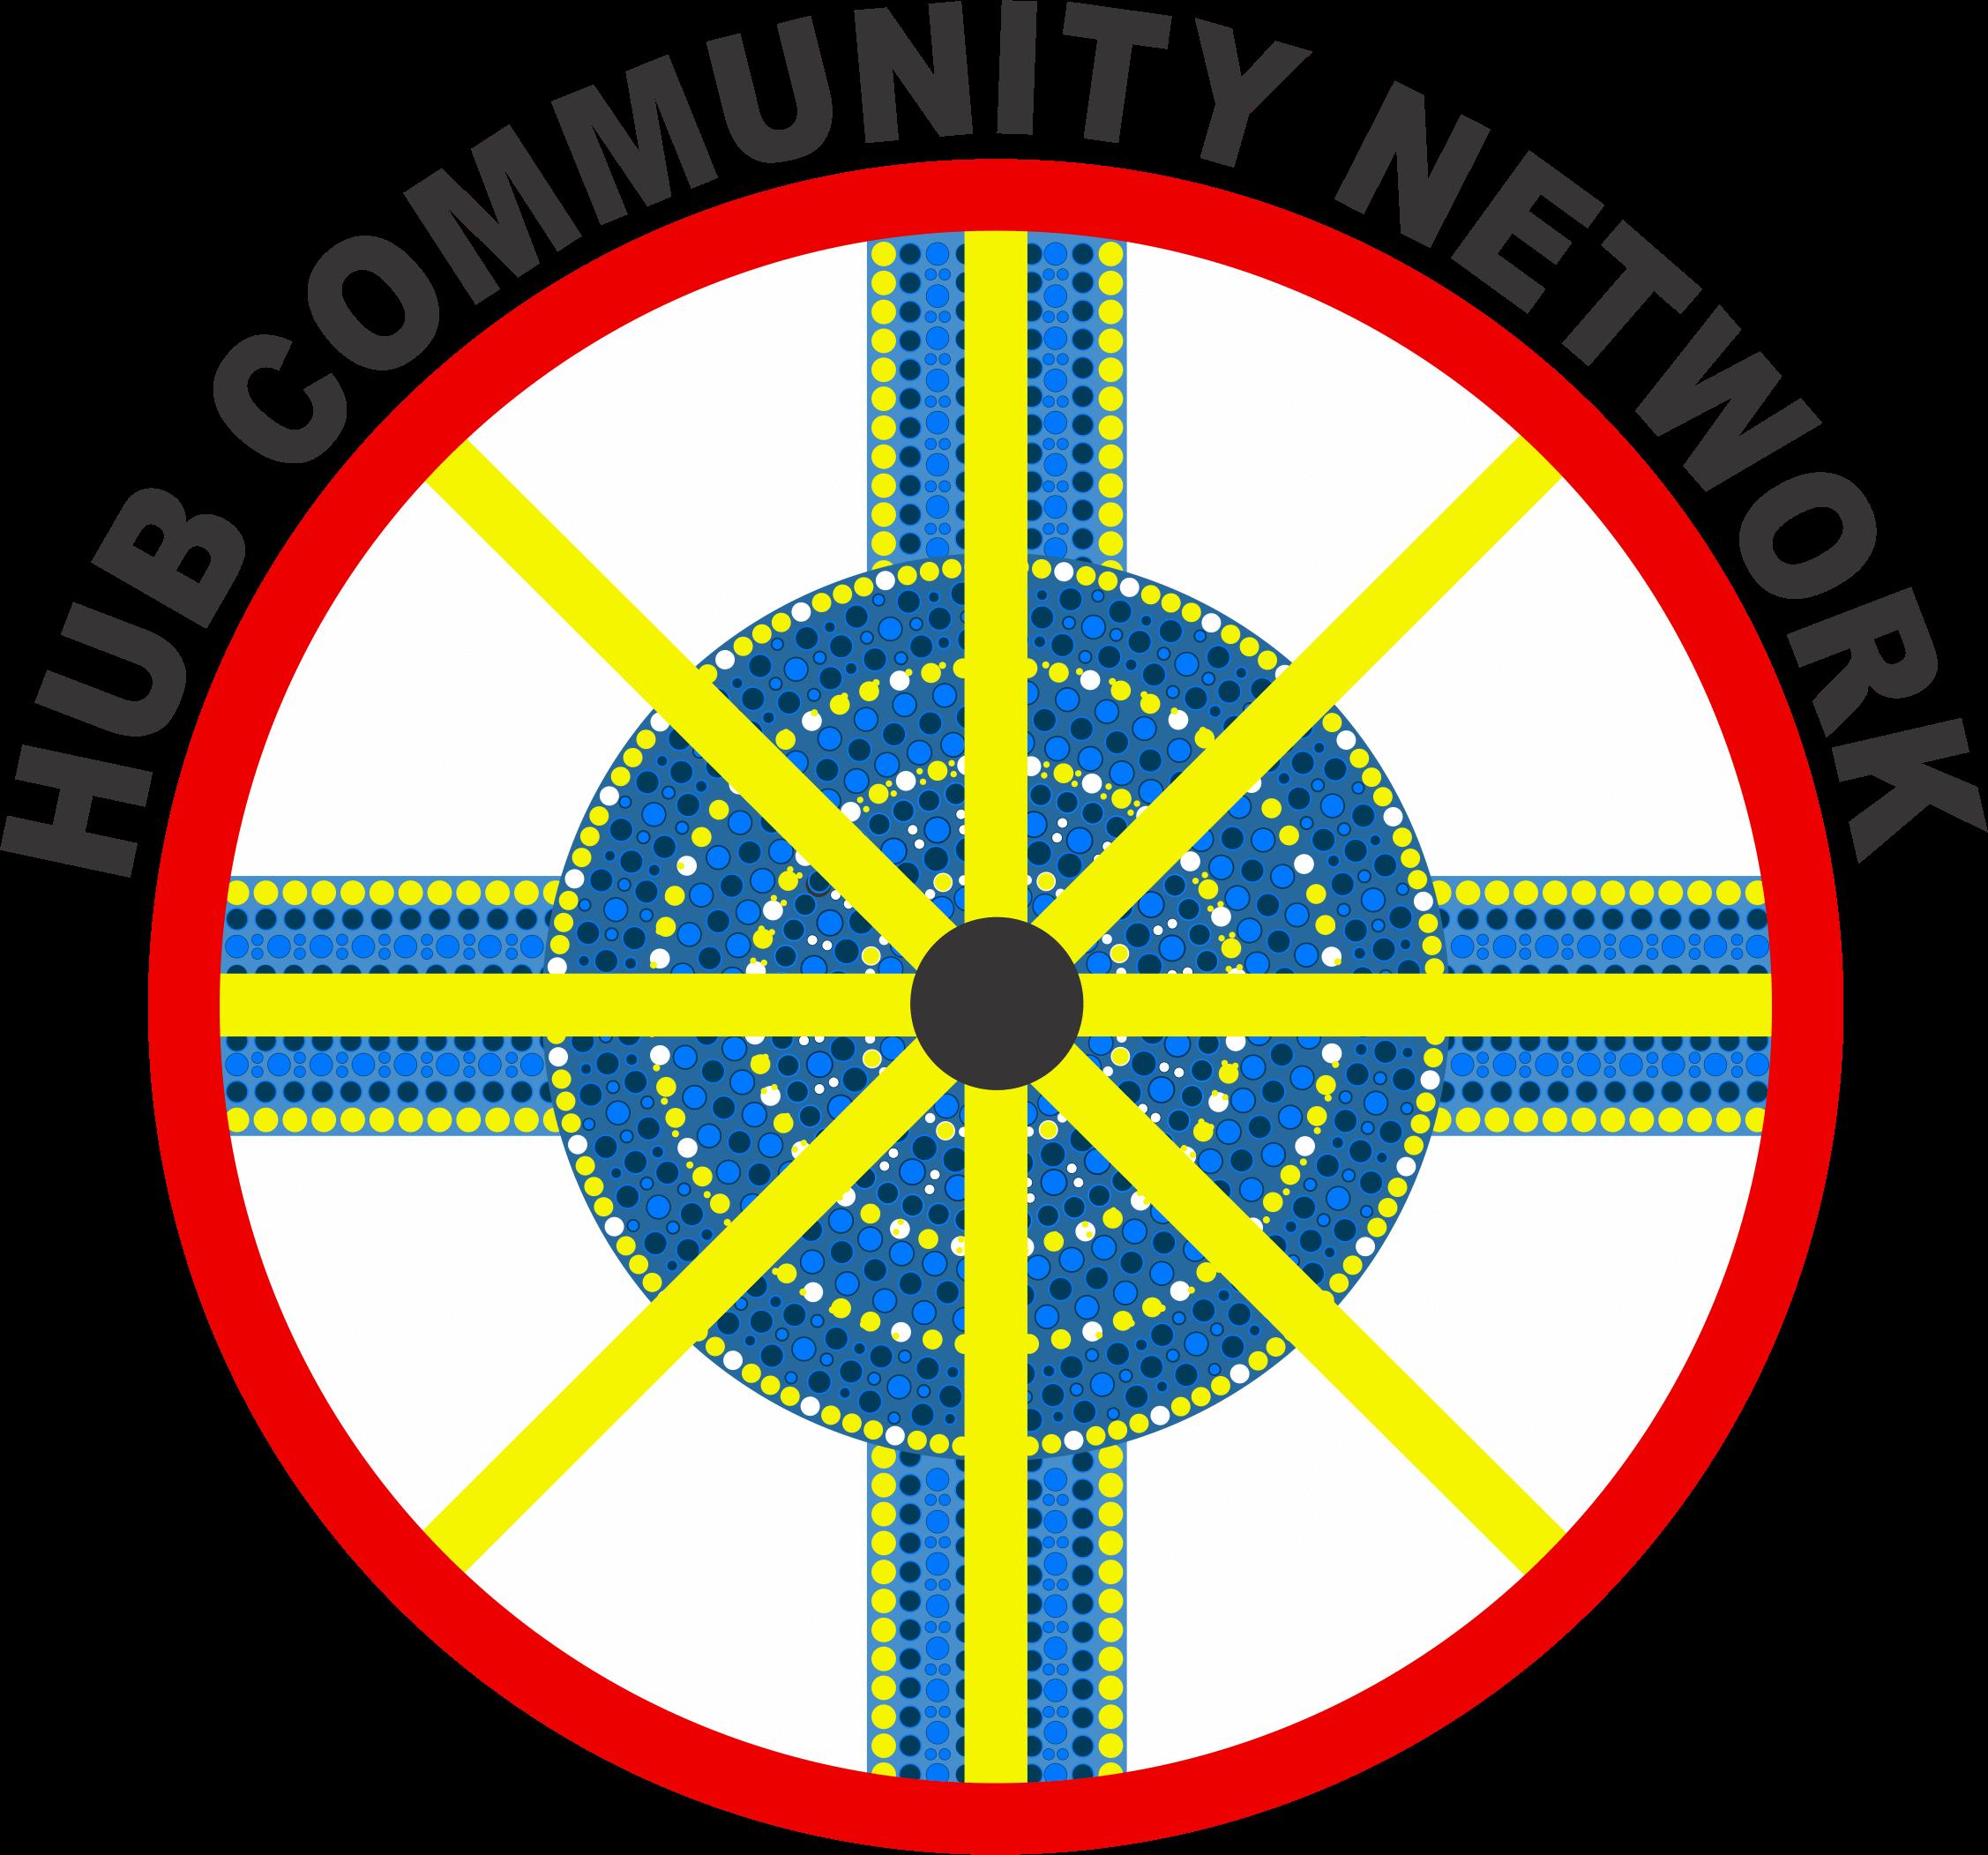 hub-community.png